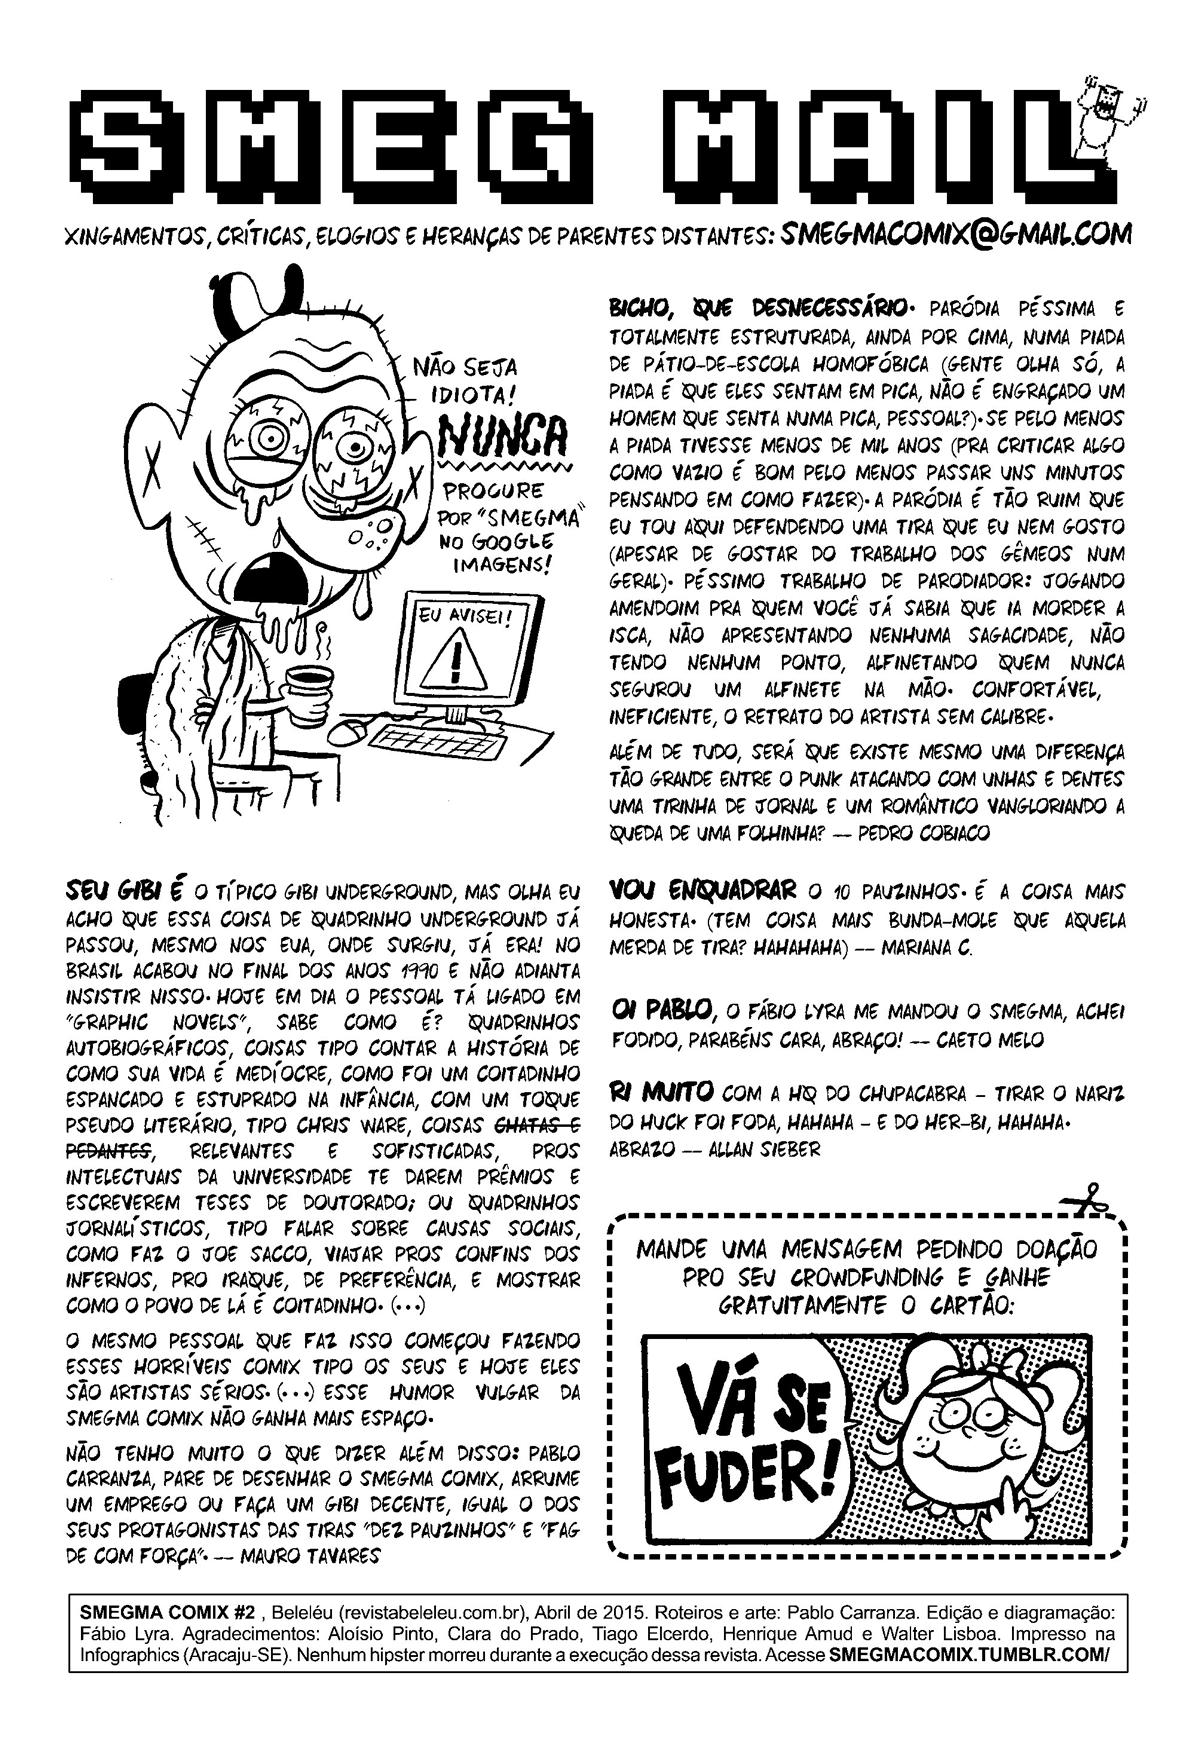 pablo-carranza-smegma-quadrinhos-zine-14